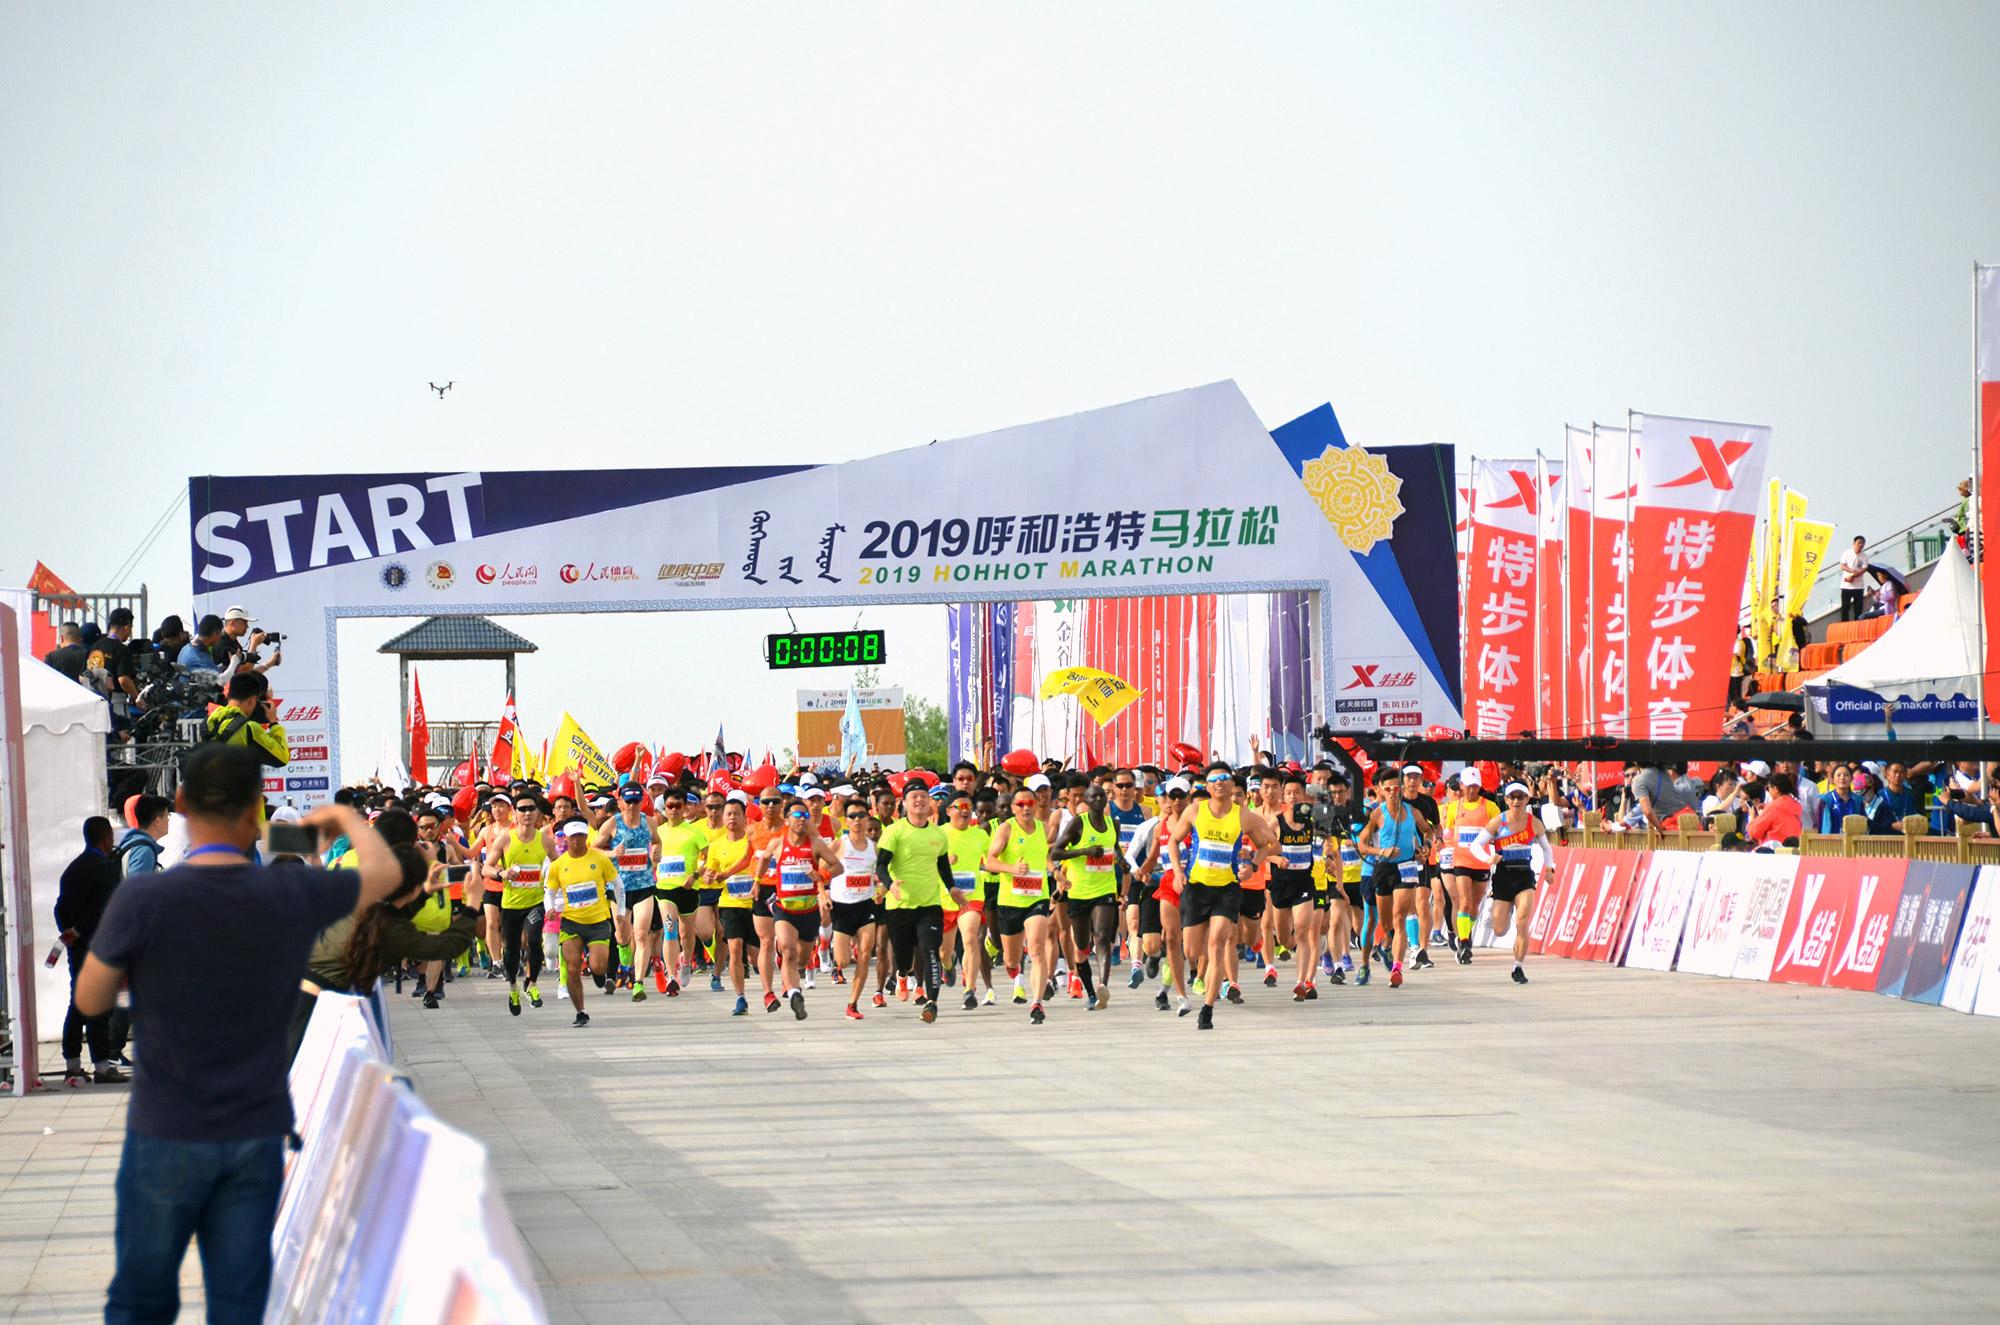 1.5万跑友齐聚青城 2019呼和浩特马拉松激情开跑